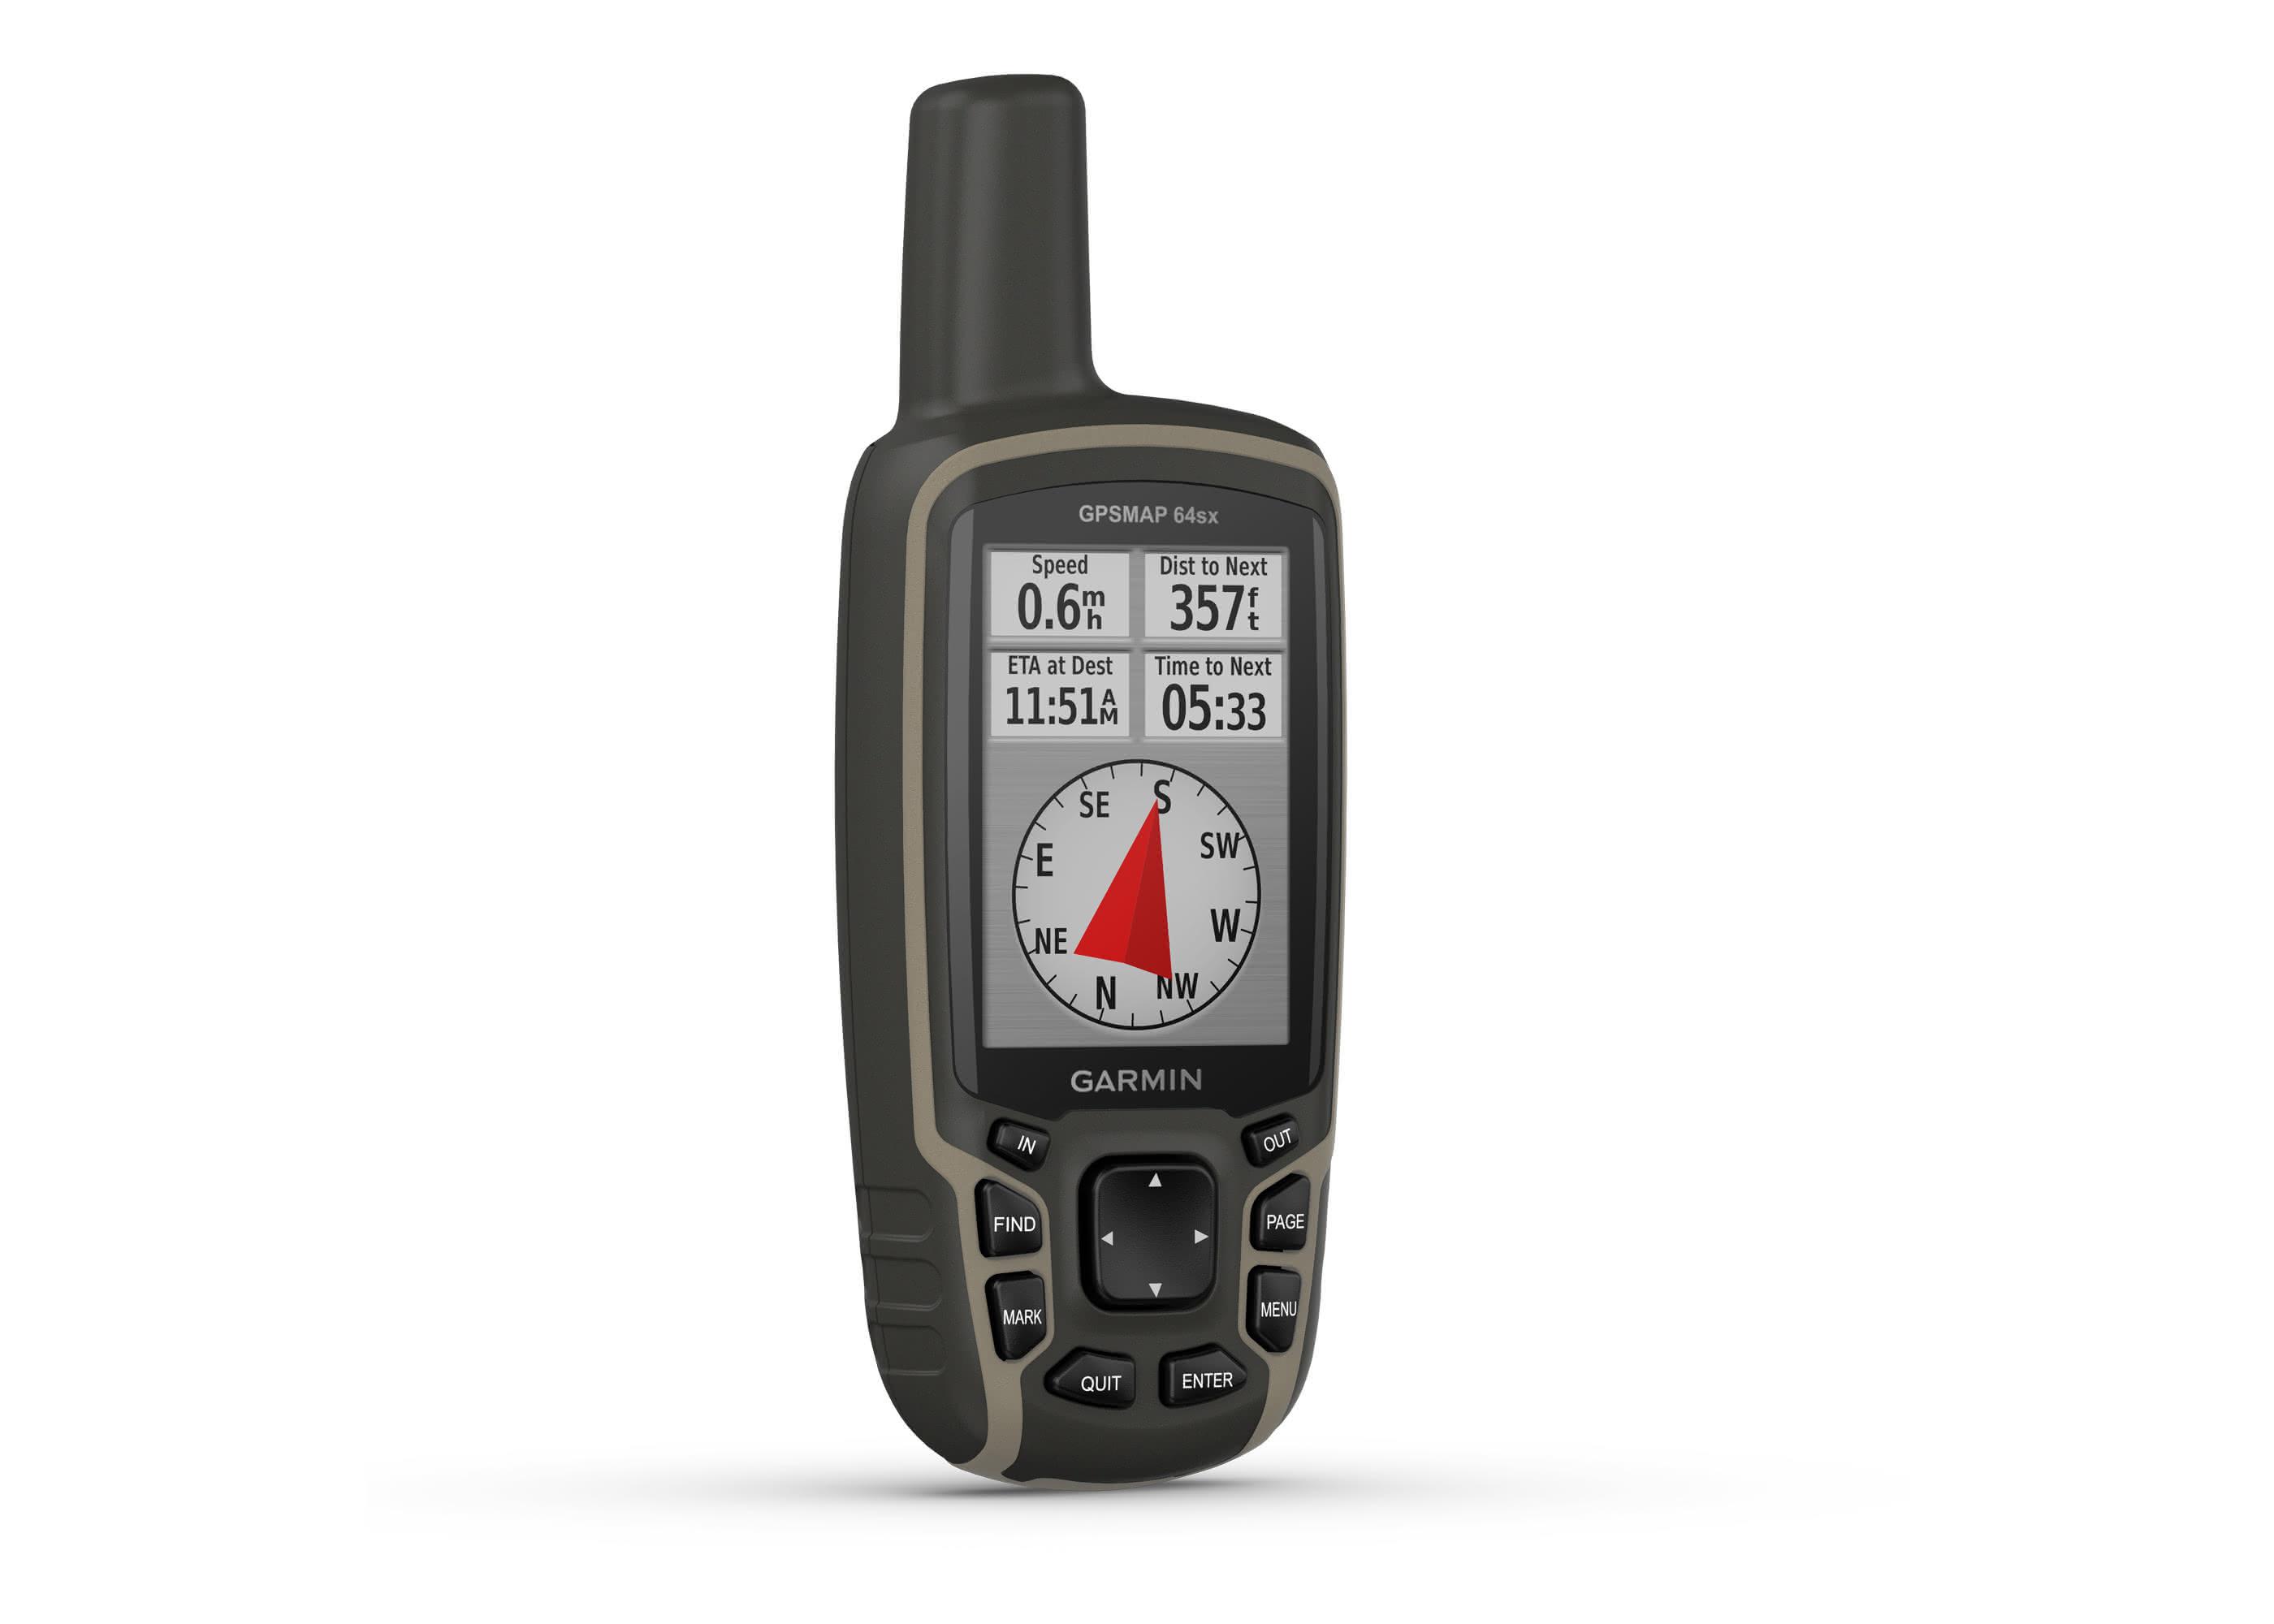 93774_GARMIN_GPSMAP_64sx_3.jpg